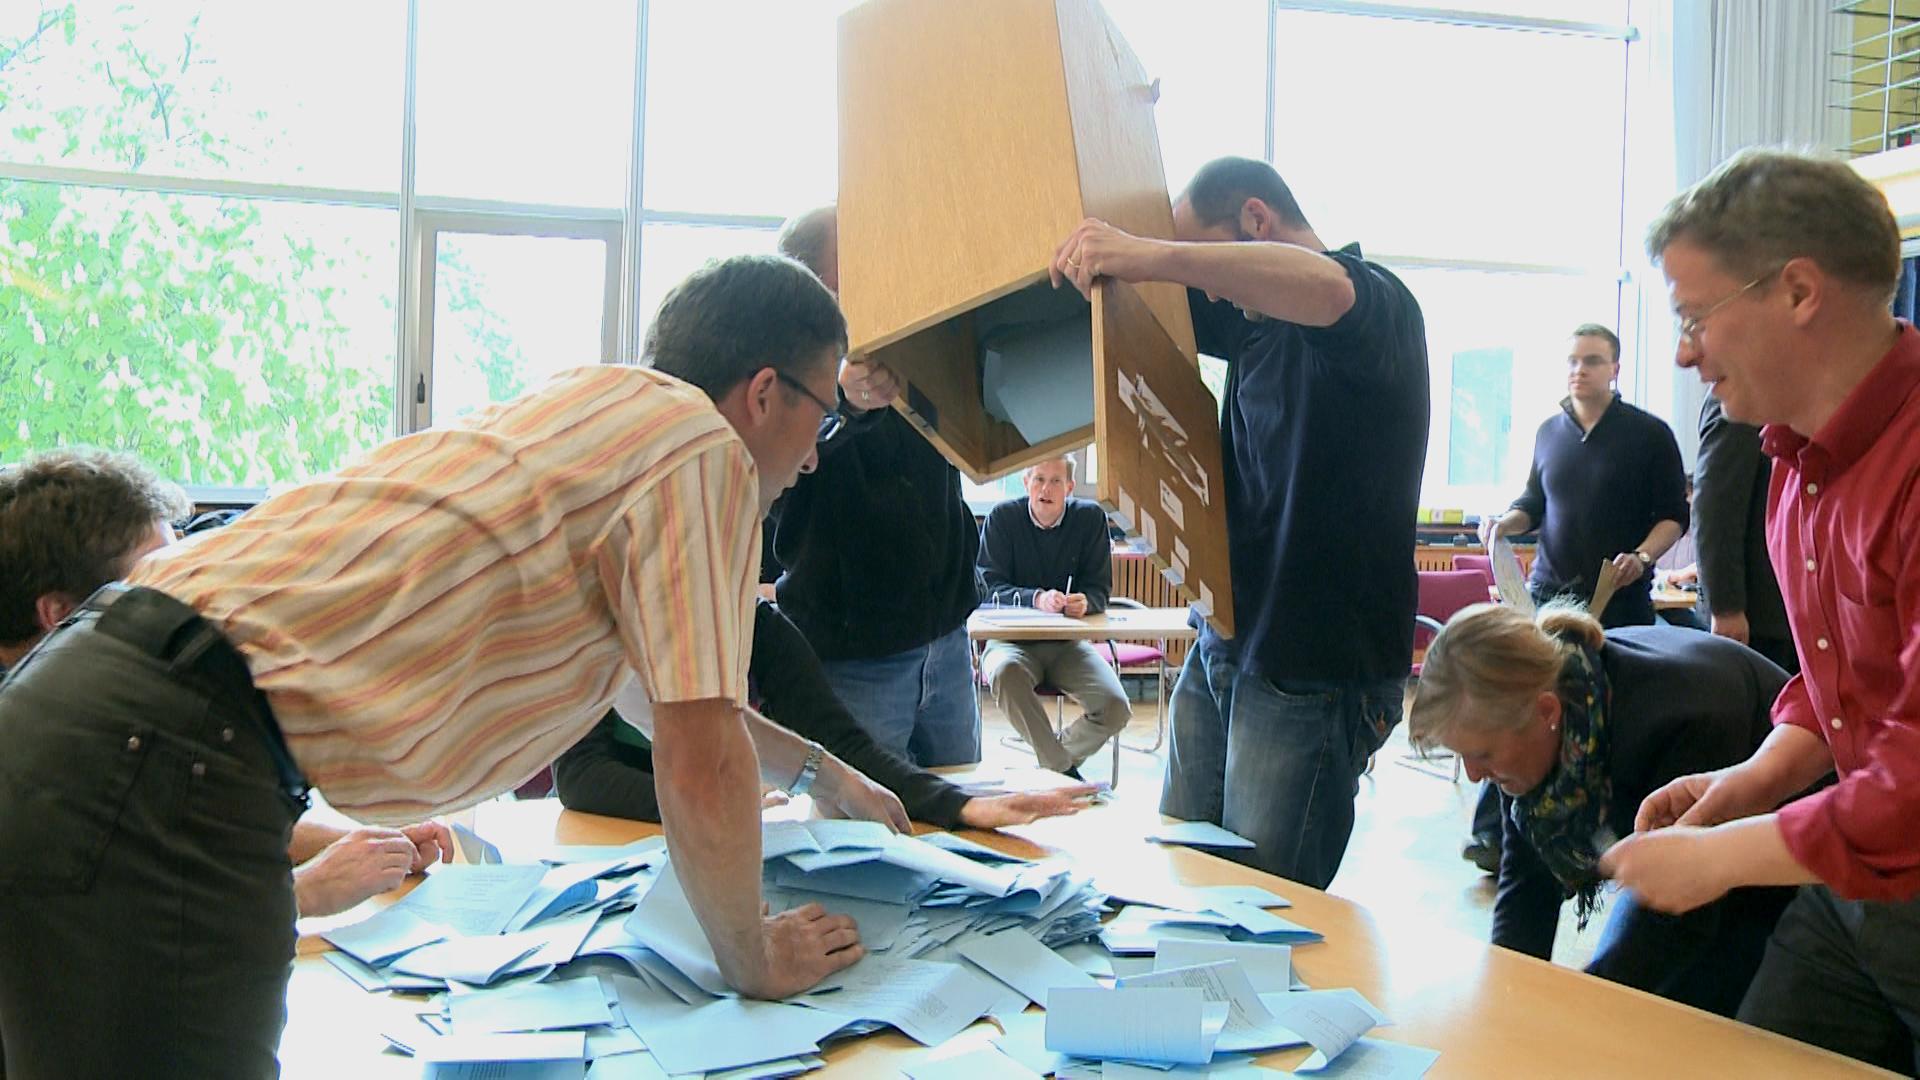 Öffentliche Auszählung der Abstimmung im Rektorat